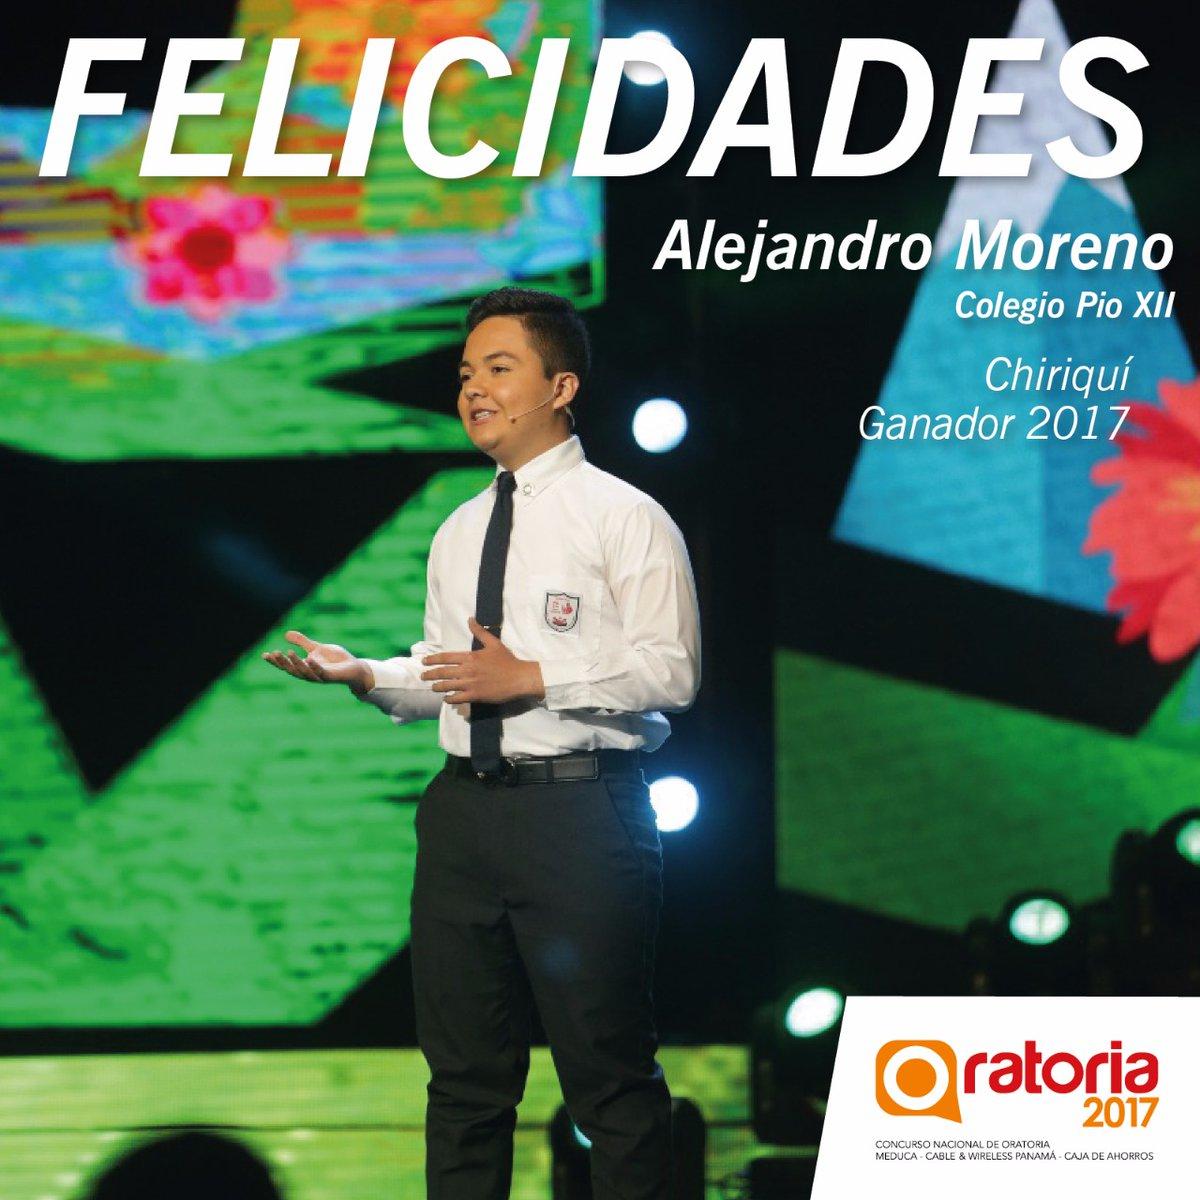 Alejandro Moreno gana el Concurso Nacional de Oratoria 2017